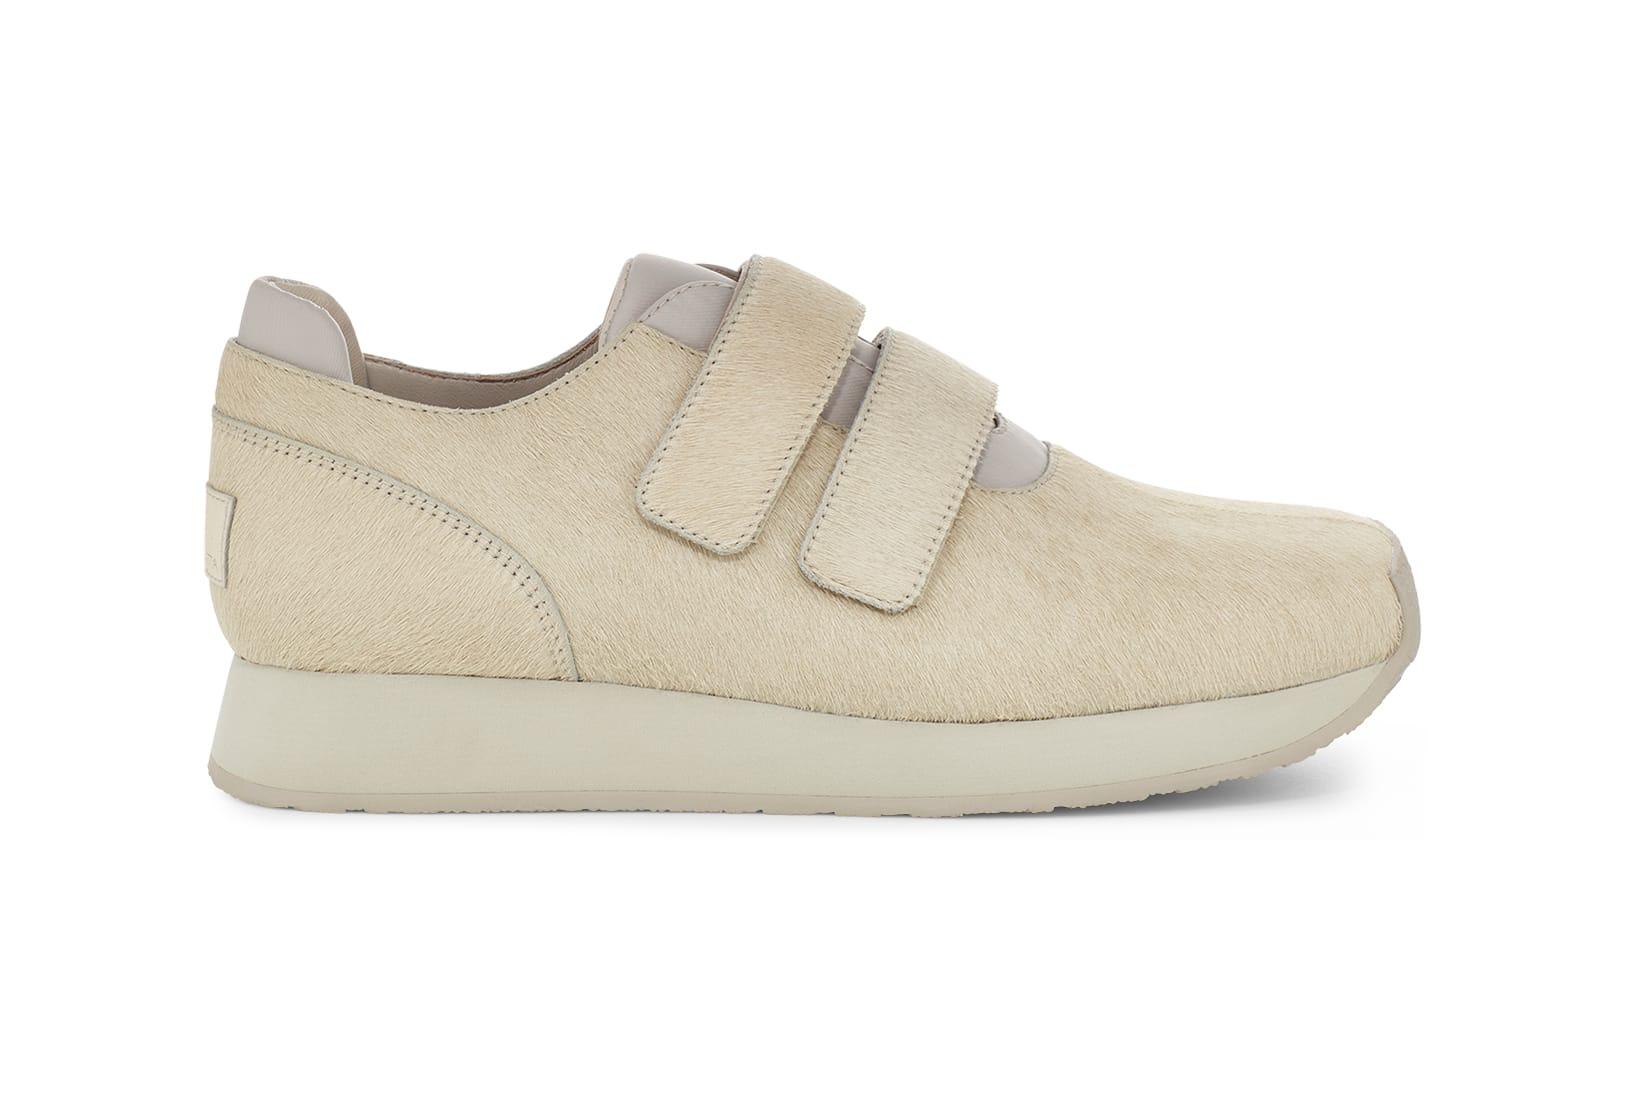 Eckhaus Latta x UGG SS20 Footwear